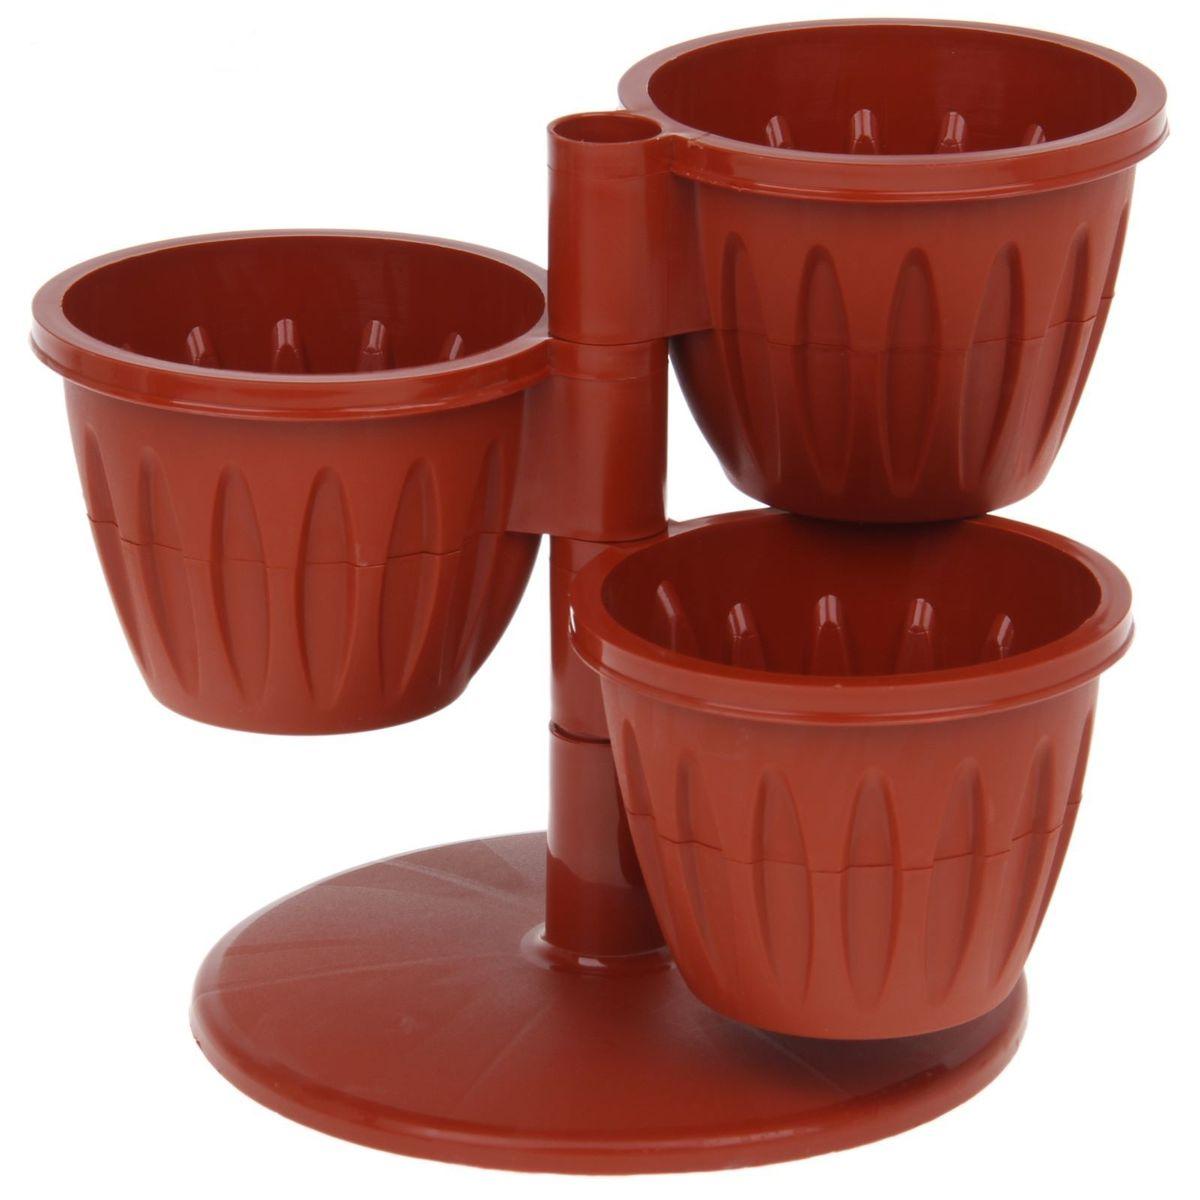 Каскад цветочный JetPlast Каскад, с подставкой, цвет: терракот, высота 23 см531-401Цветочный каскад JetPlast Каскад состоит из трех горшков, установленных на одну подставку. Каждый горшок состоит из двух частей: в верхнюю высаживается растение, а нижняя часть используется как резервуар для воды. Цветочный каскад позволяет вам эффективно использовать площадь подоконника для высадки растений.Высота каскада: 23 см. Диаметр горшка по верхнему краю: 13,5 см. Диаметр дна горшка: 7,8 см. Высота горшка: 10 см.